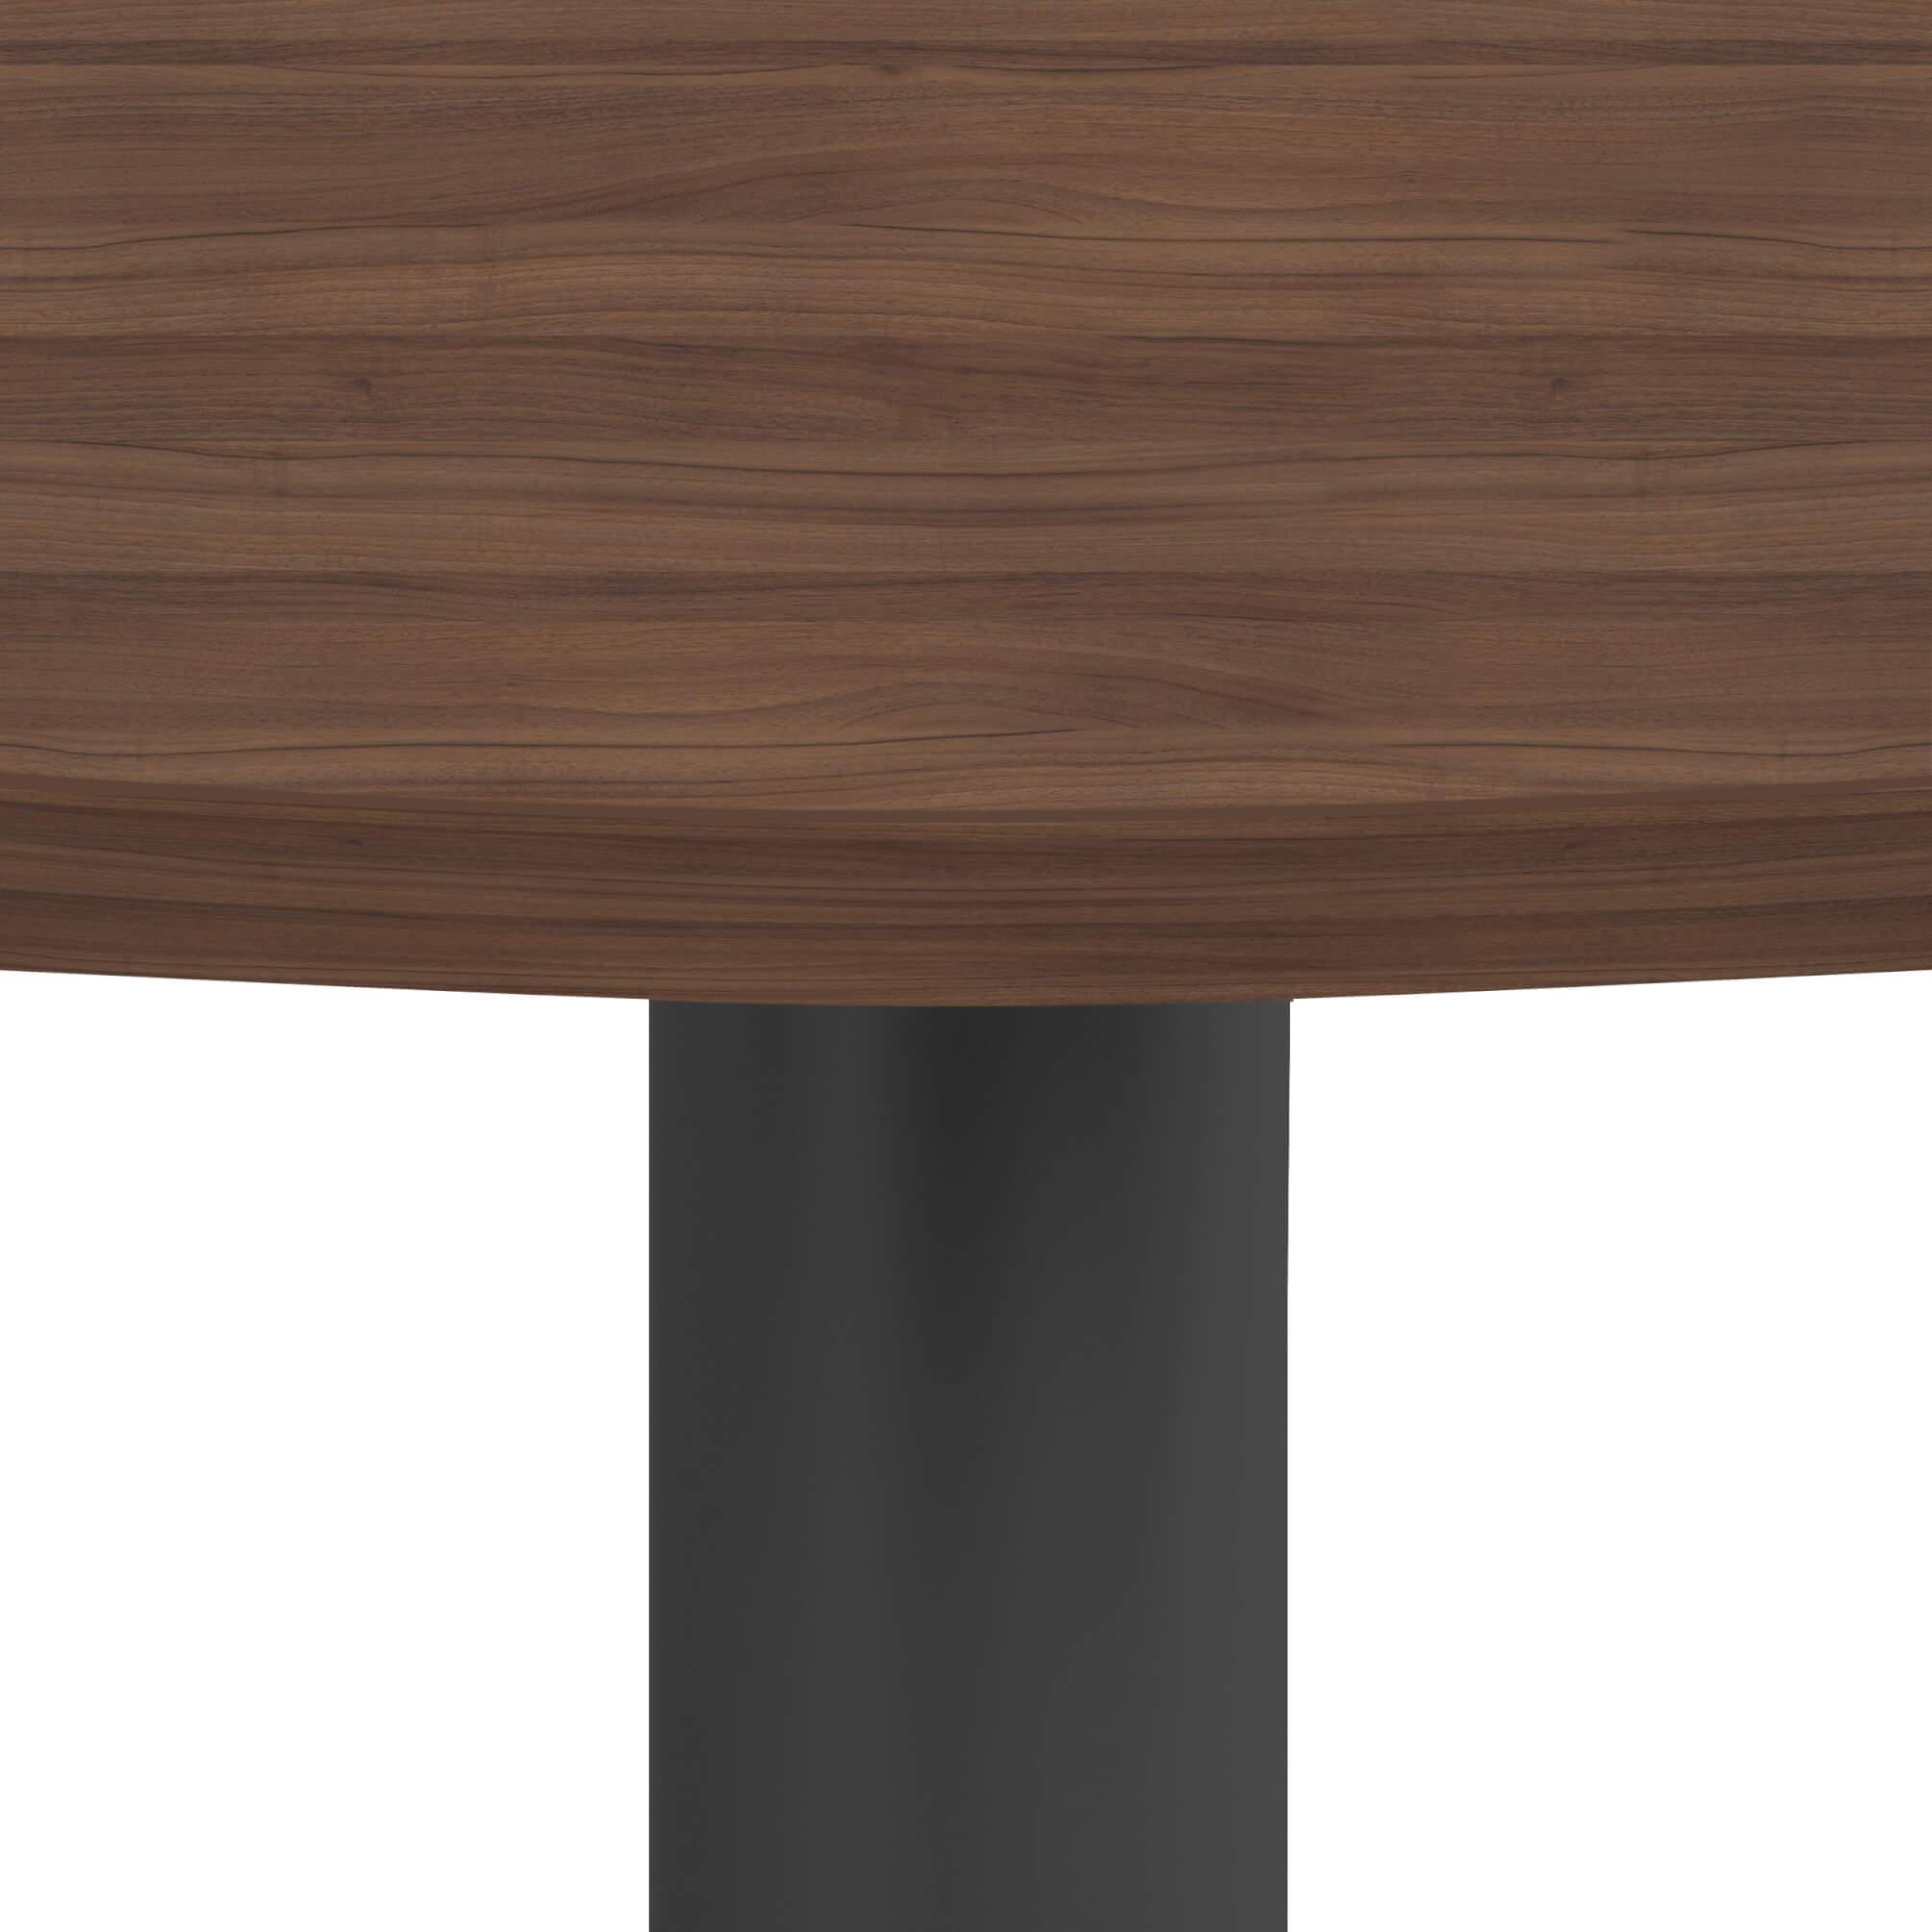 OPTIMA runder Besprechungstisch Ø 100 cm Nussbaum Anthrazites Gestell Tisch Esstisch